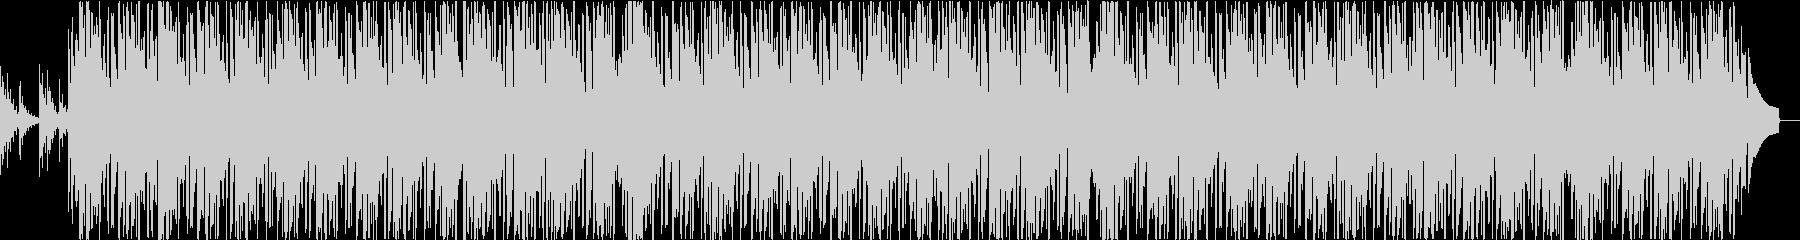 夜に合うジャジーピアノヒップホップビーツの未再生の波形